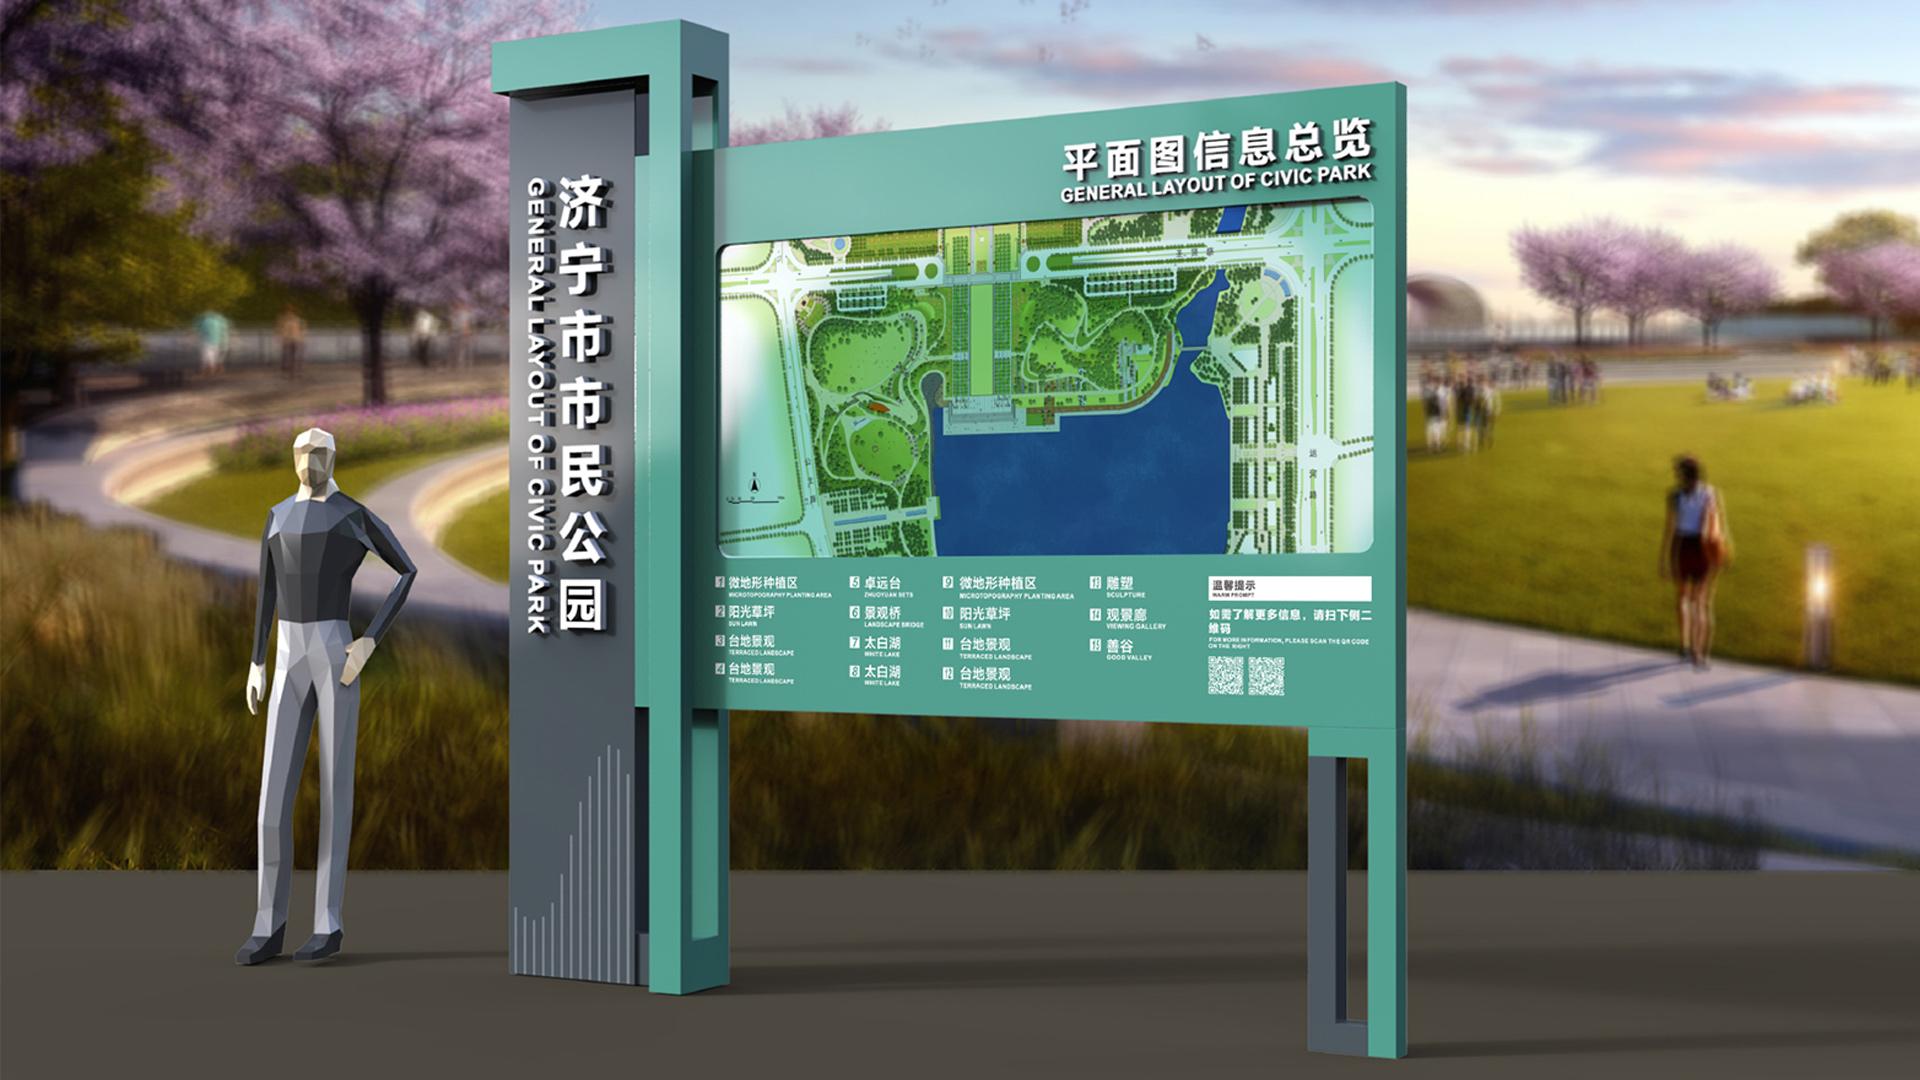 济宁市民公园导视系统